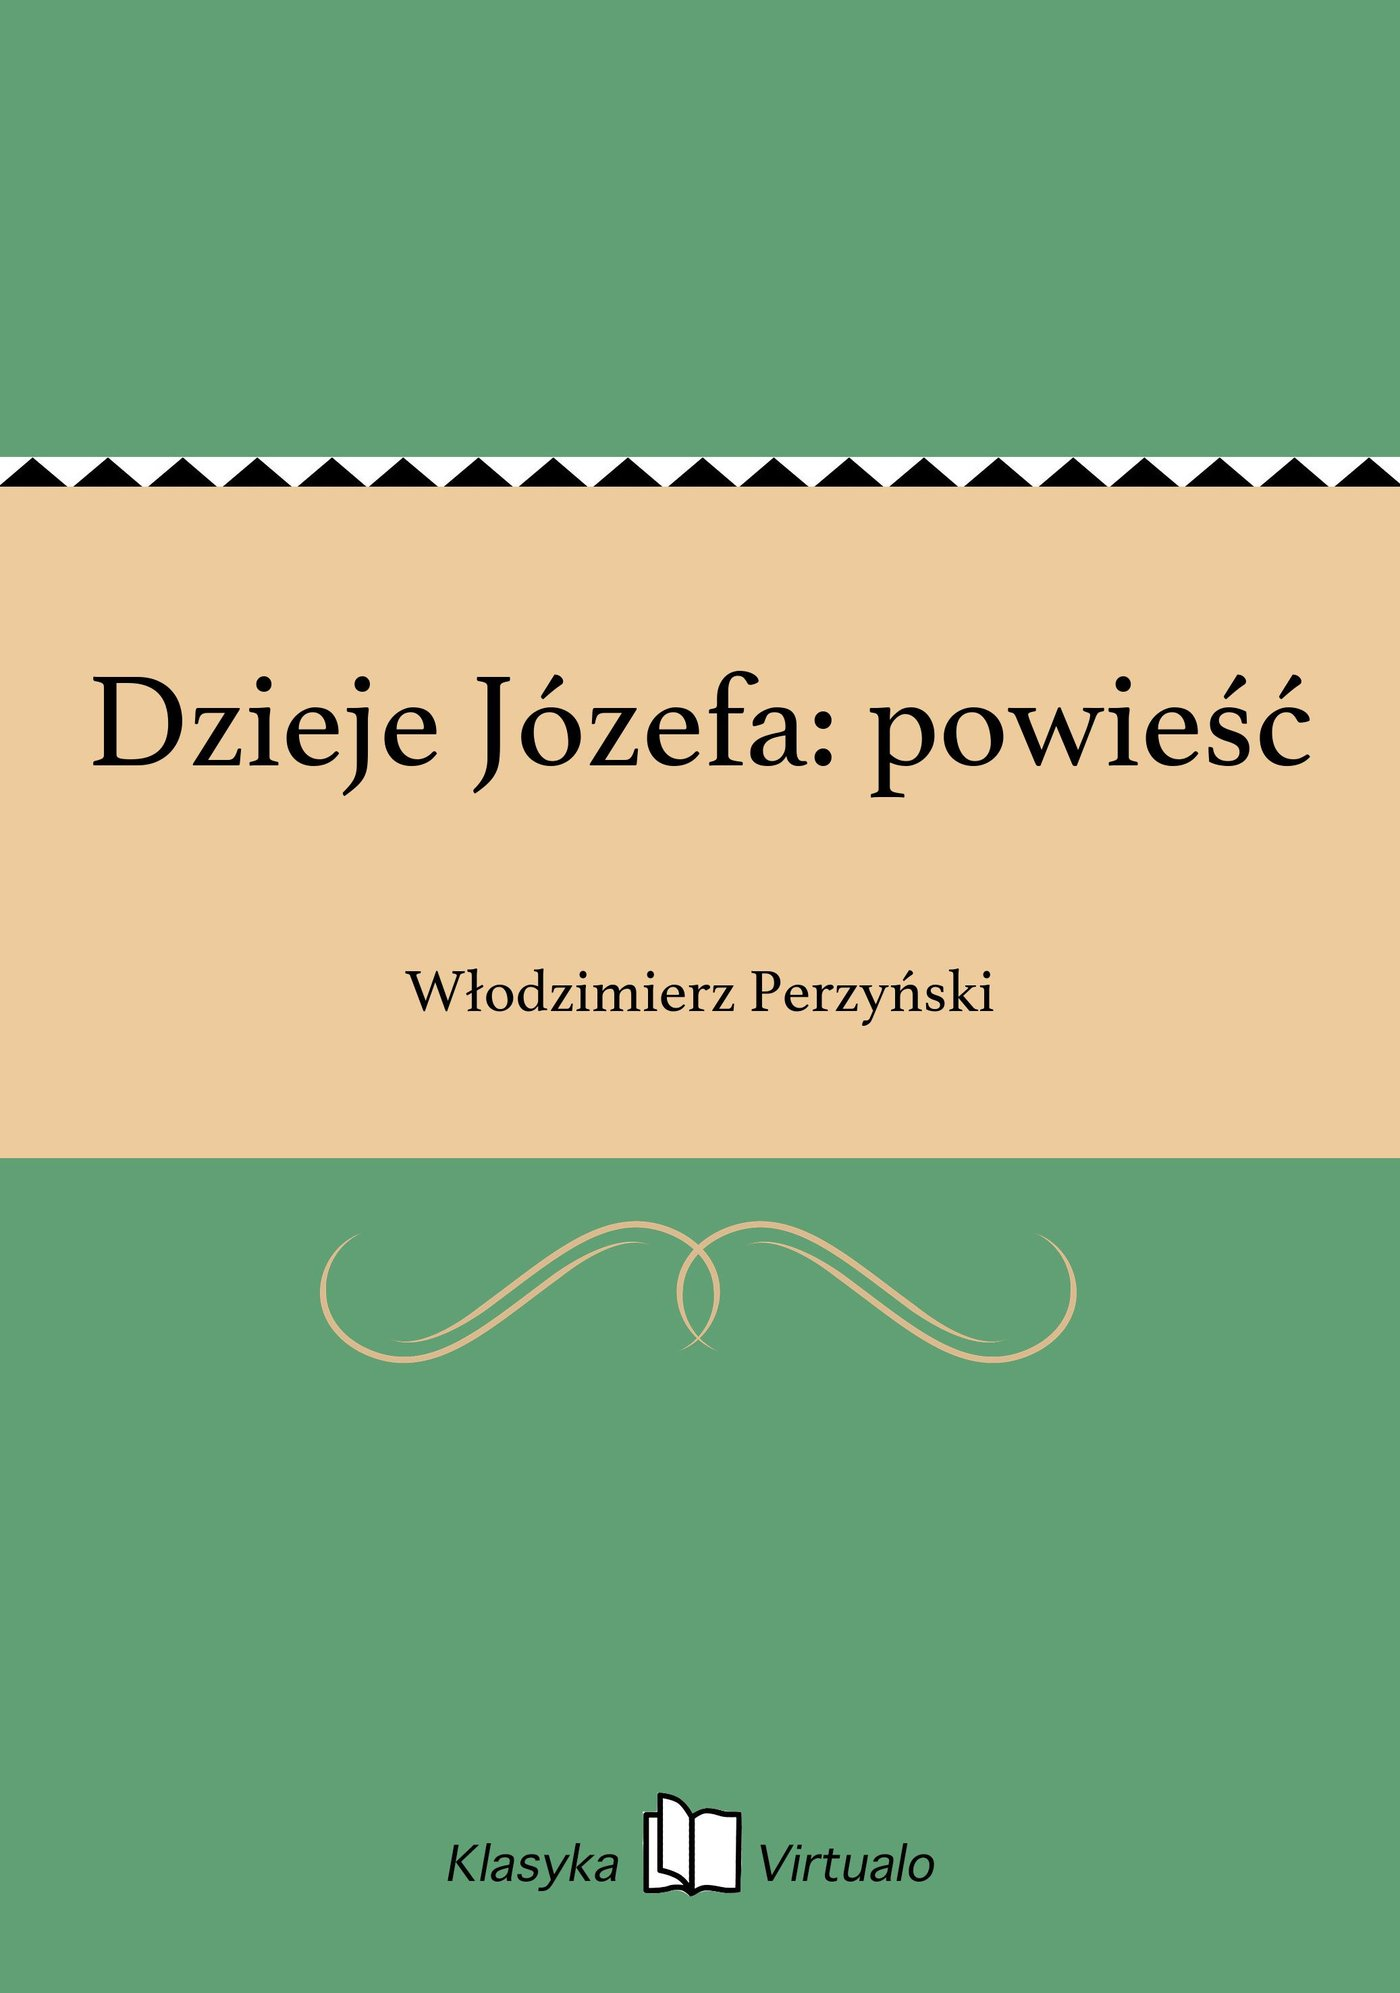 Dzieje Józefa: powieść - Ebook (Książka na Kindle) do pobrania w formacie MOBI